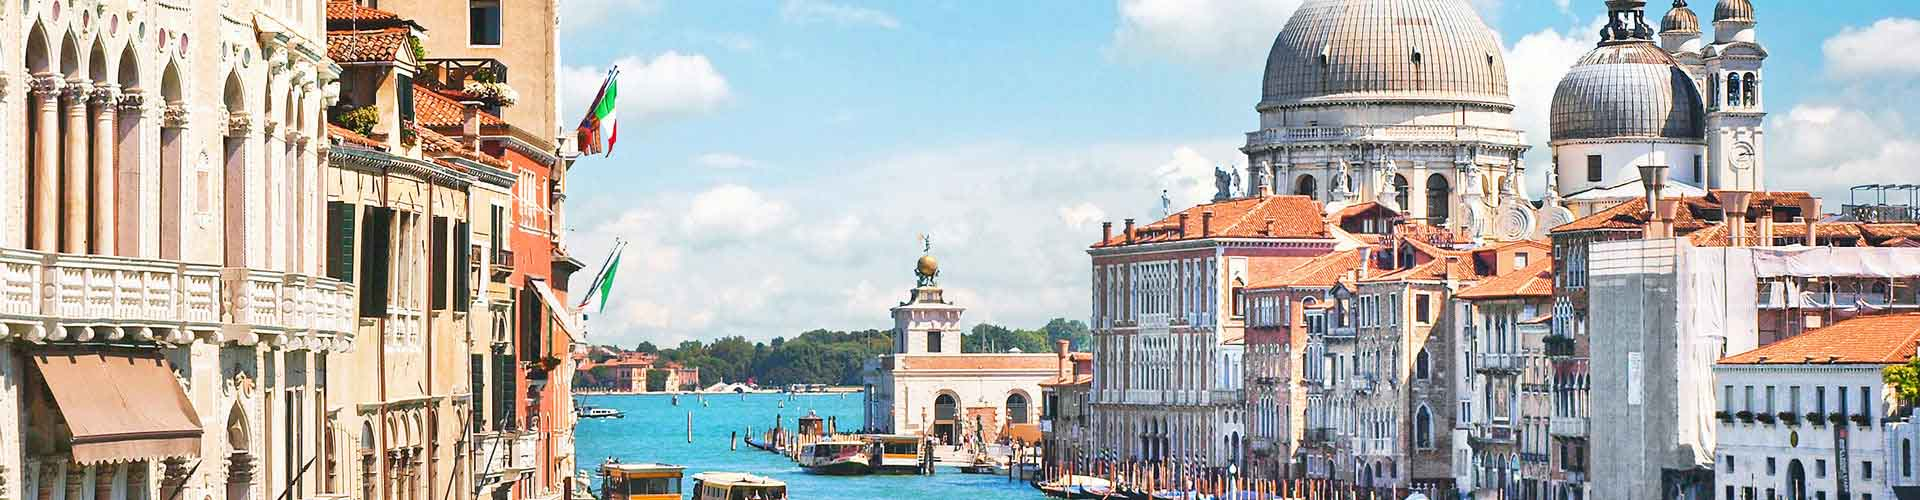 Venedig - Zimmer nahe Venezia Santa Lucia Bahnhof. Venedig auf der Karte. Fotos und Bewertungen für jedes Zimmer in Venedig.